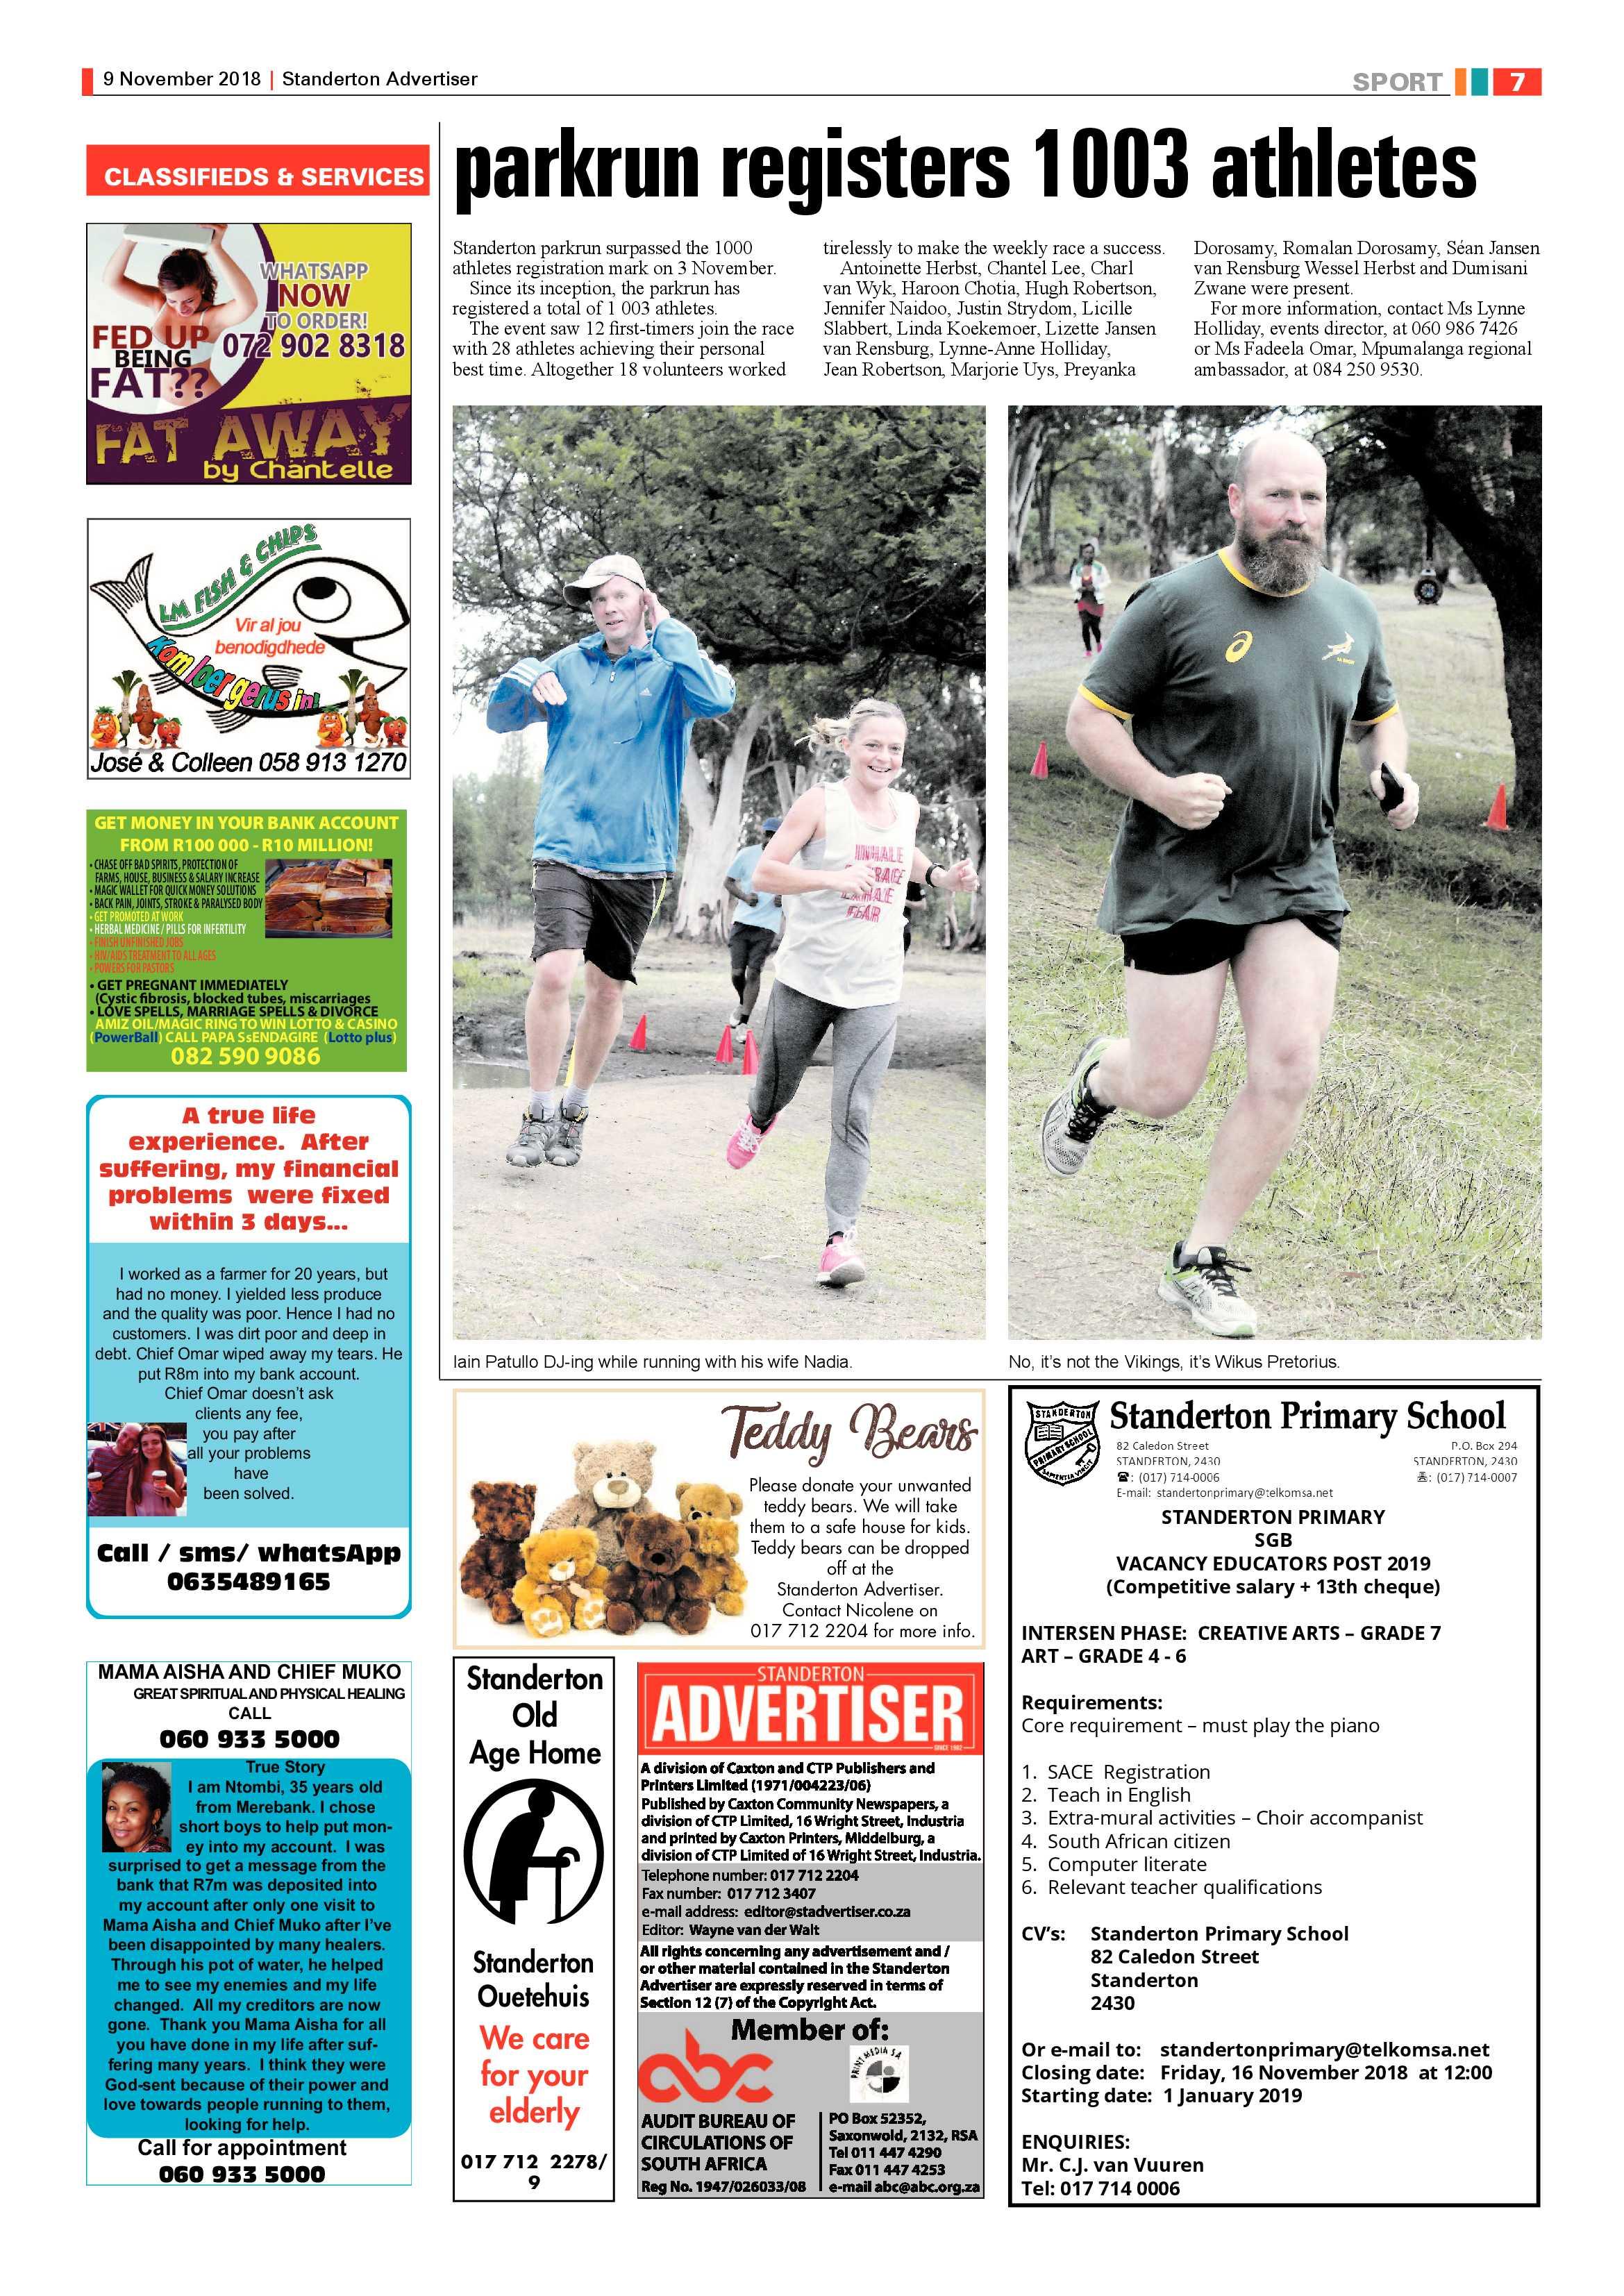 standerton-advertiser-9-november-2018-epapers-page-7